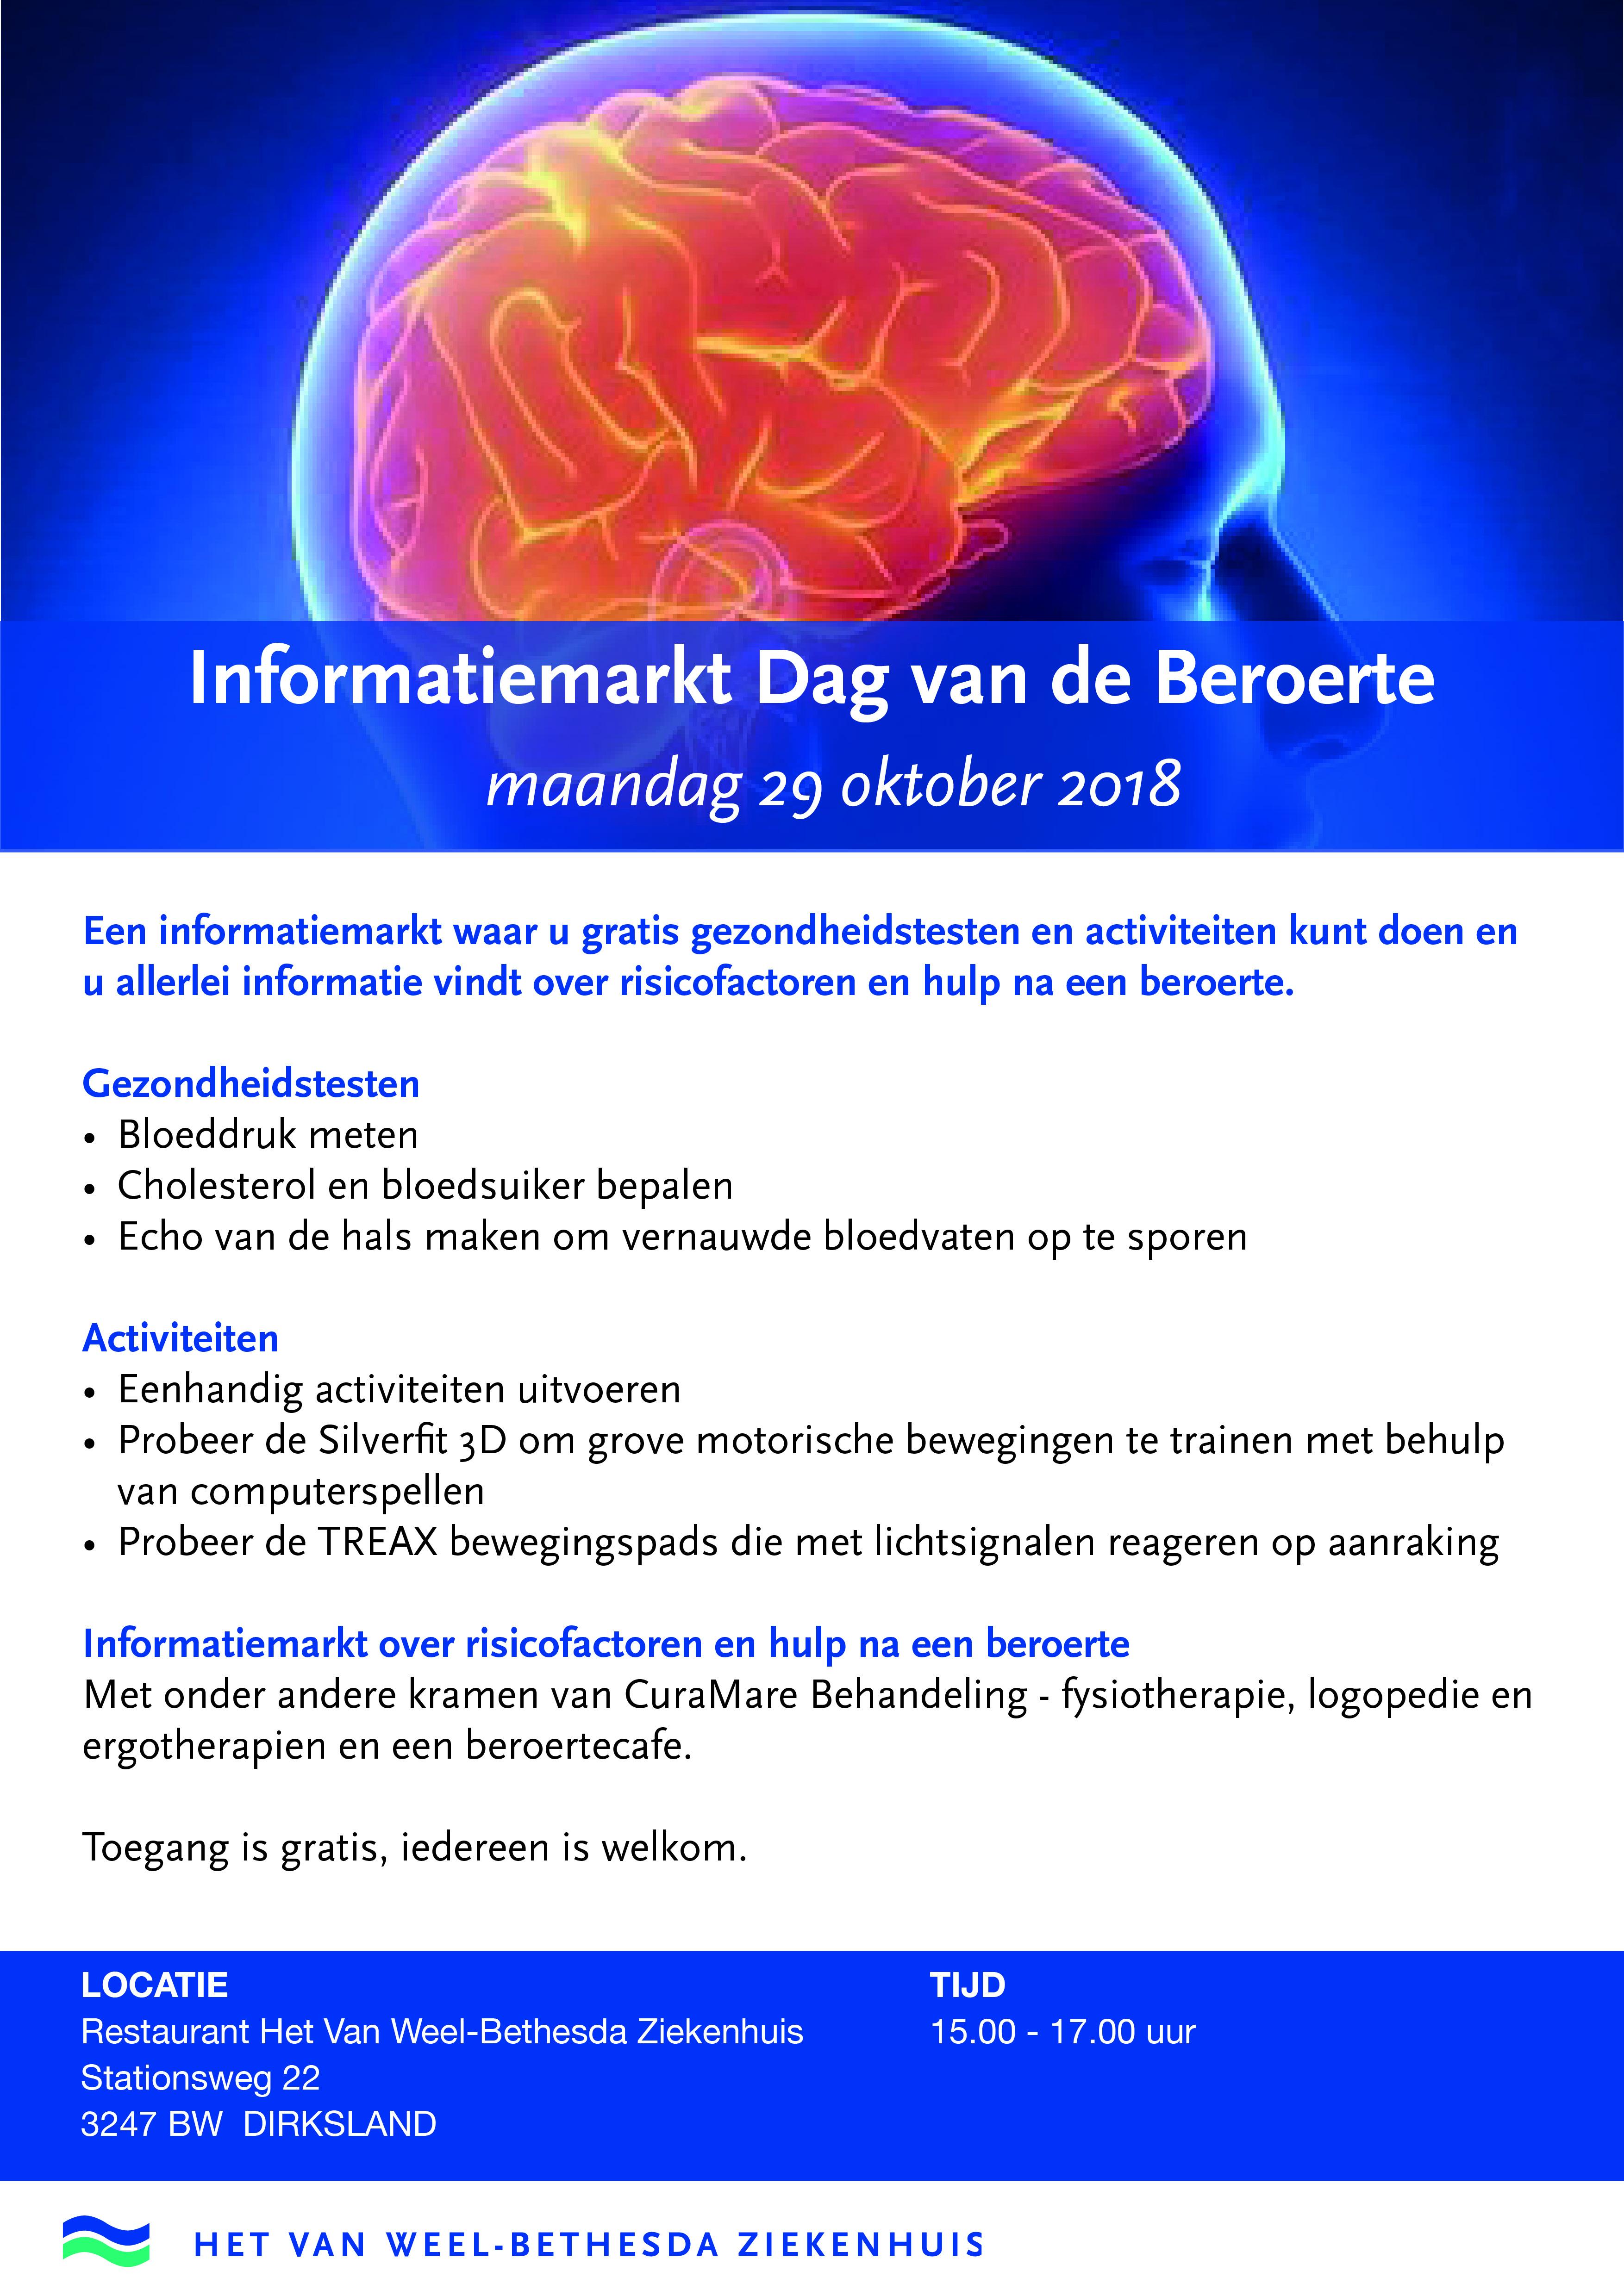 Informatiemarkt Dag van de beroerte